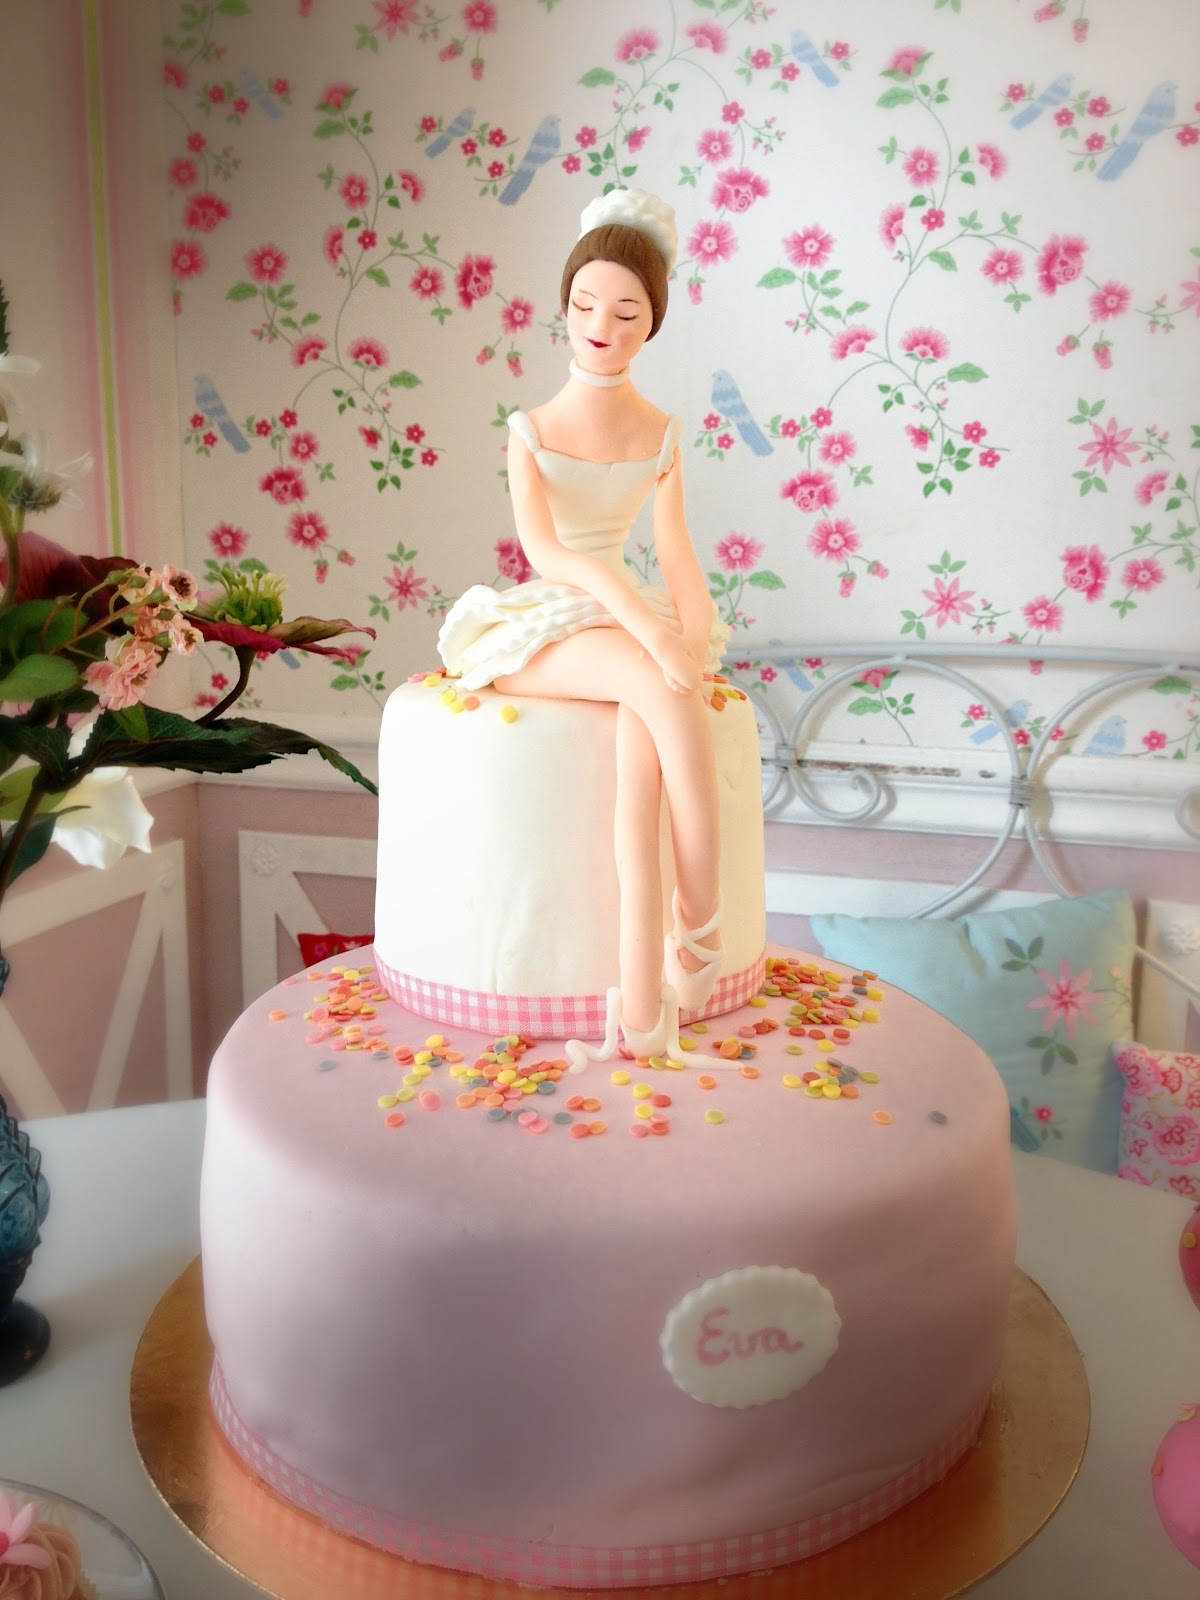 Victorias Cakes Tarta De Cumpleanos Bailarina Para Eva - Tartas-de-cumpleaos-sencillas-y-originales